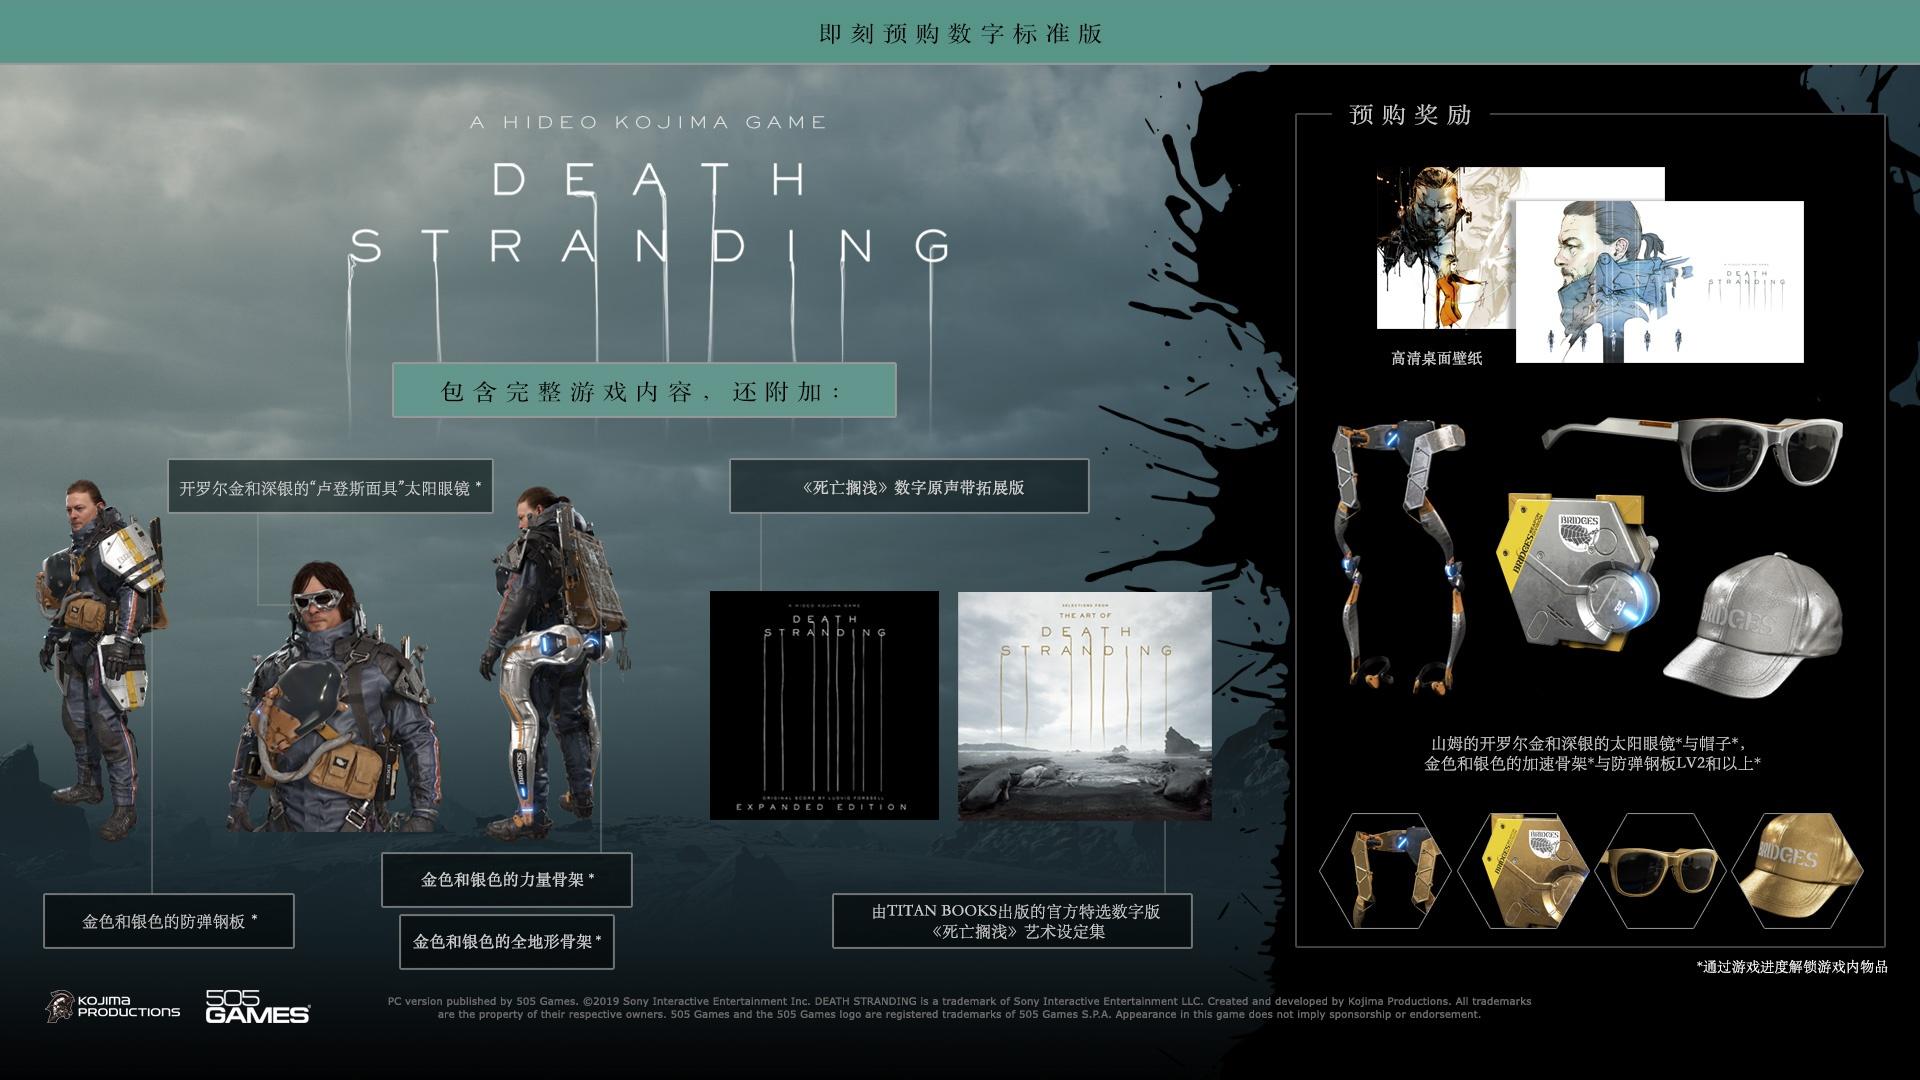 《死亡搁浅》将于2020年6月3日登陆Steam和Epic游戏商城